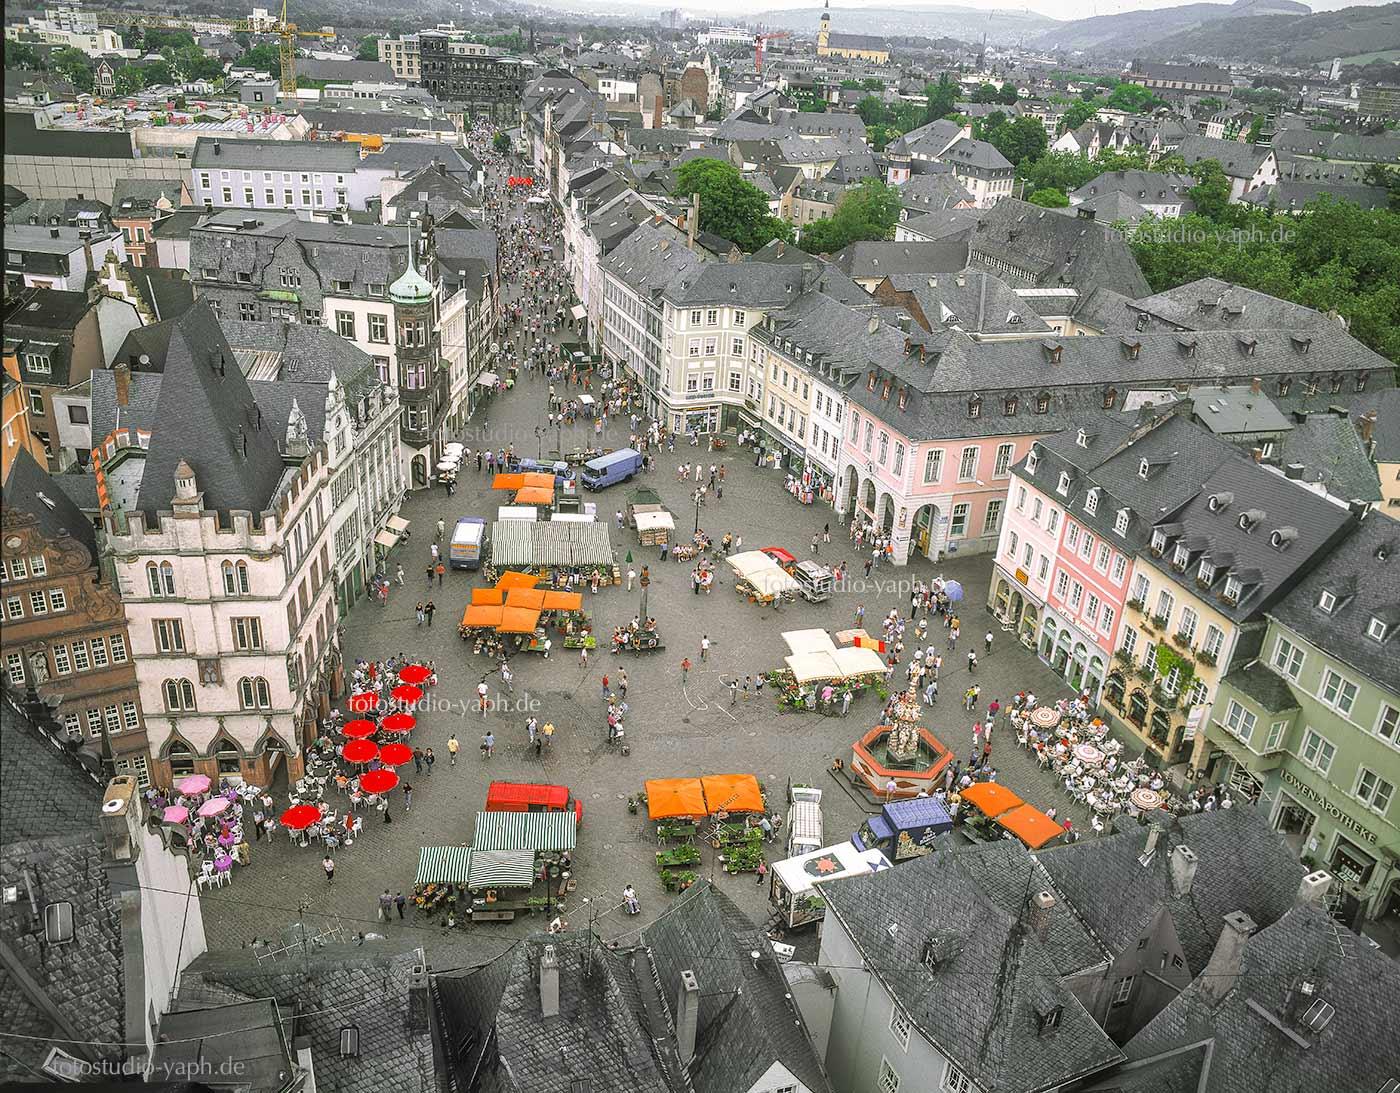 Luftbild des Hauptmarkts in Trier, Drohnenfotografie bei Yaph Fotograf für Architektur.